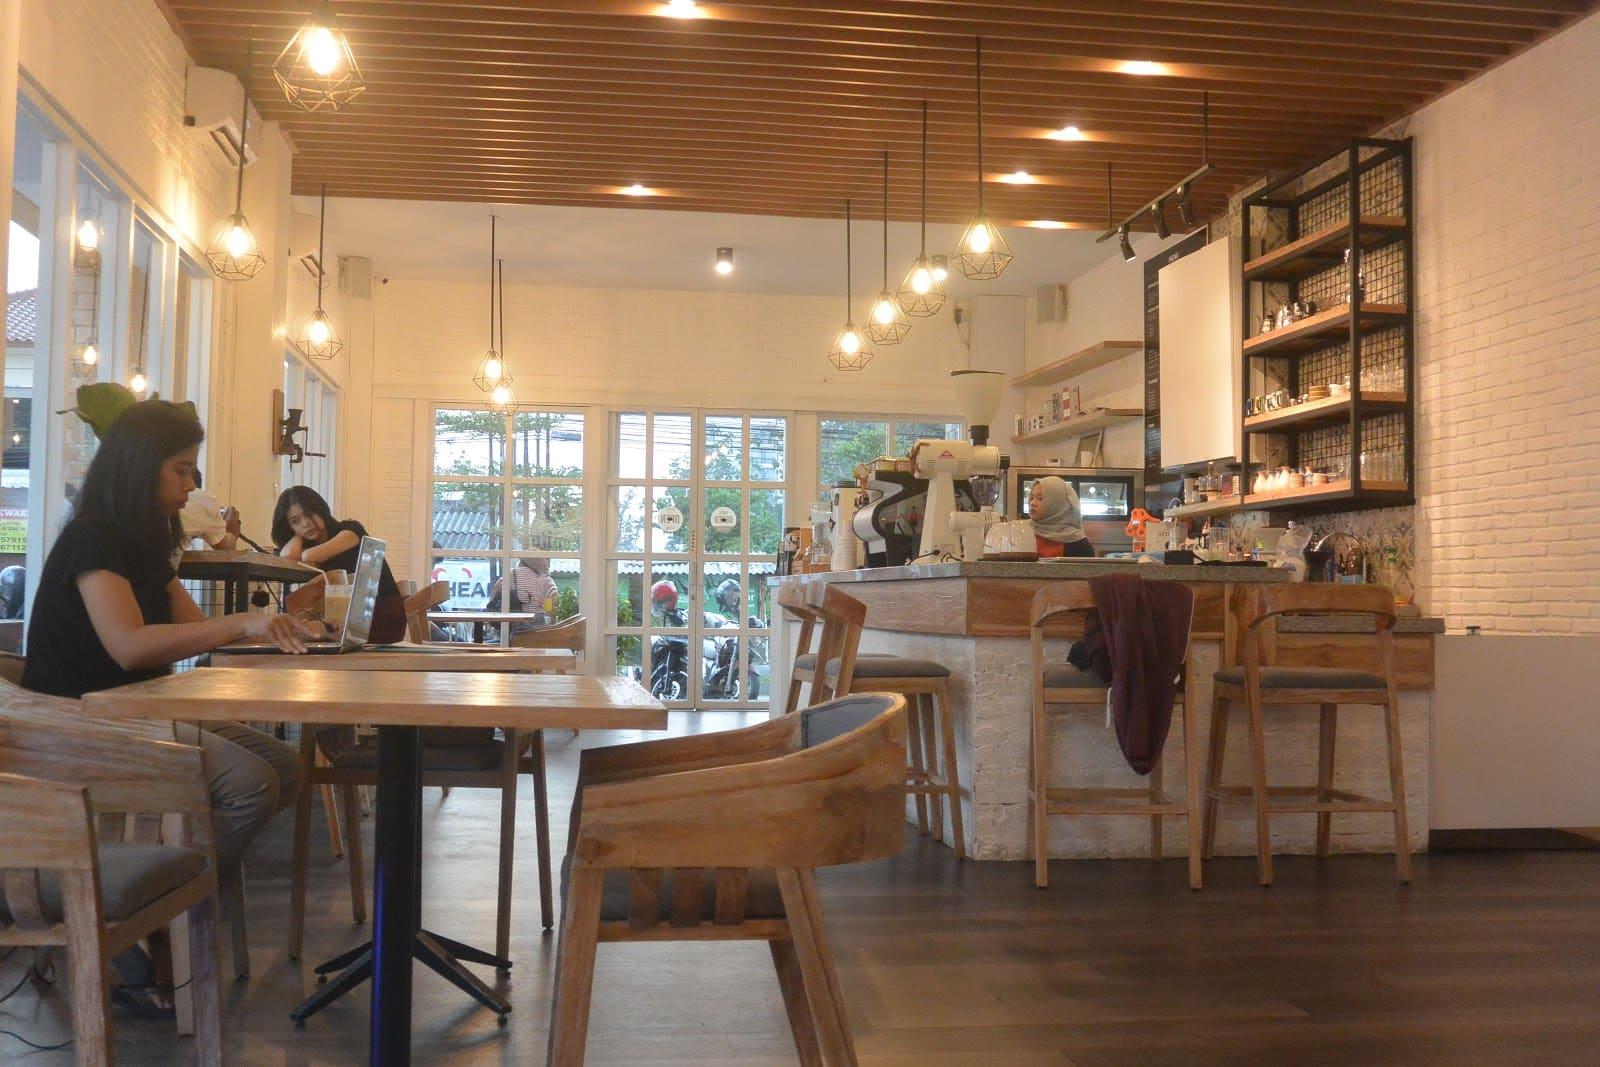 15 Cafe Populer di Jogja Buka 24 Jam Selalu Ramai Buat Nongkrong Sampai Pagi 16